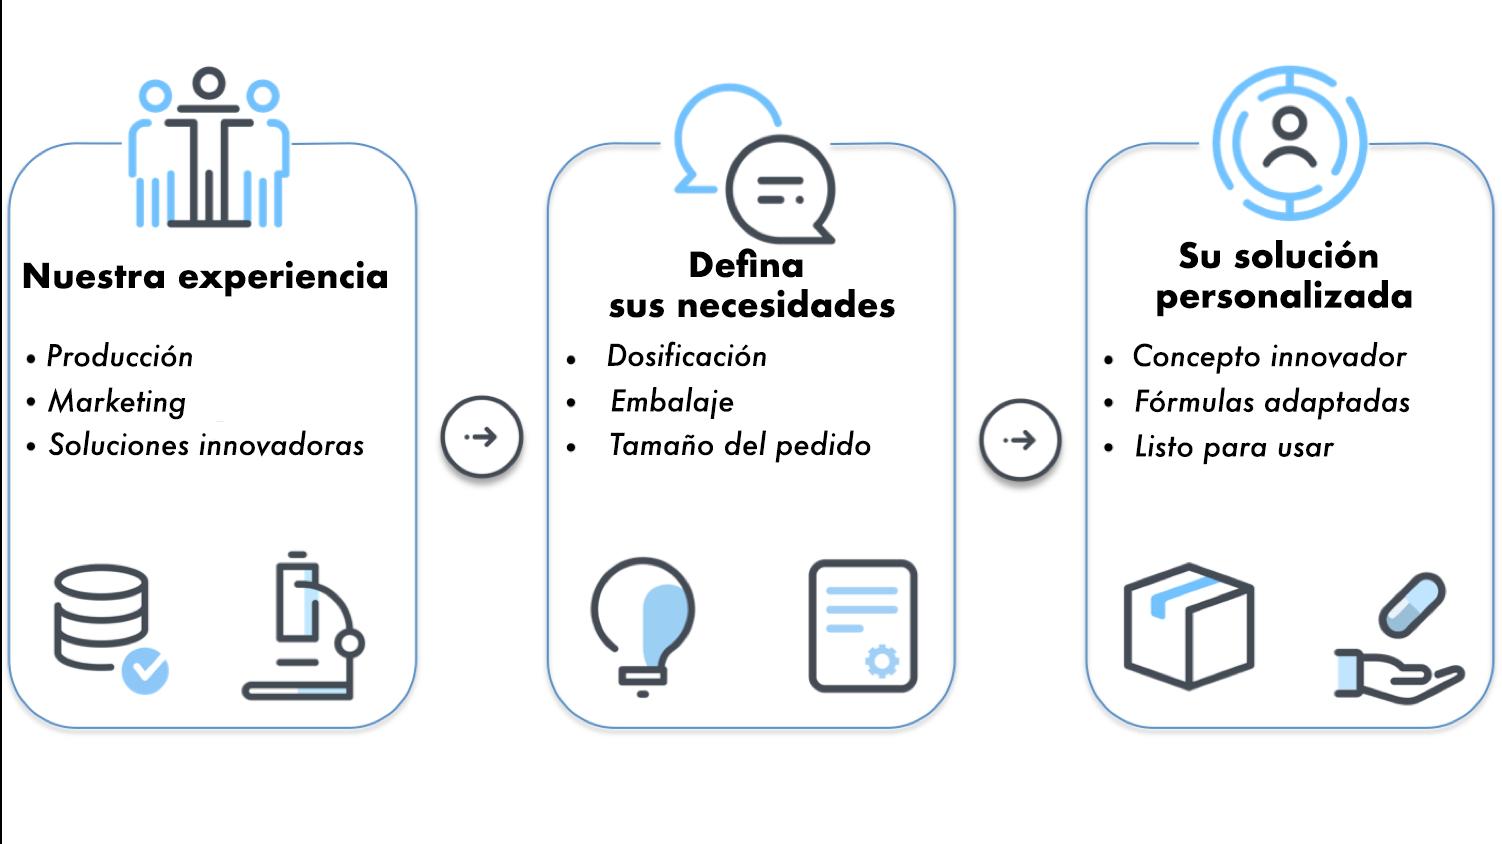 suplementos de etiqueta privada 3 pasos Desarrollo de una línea de productos de suplementos de marca propia